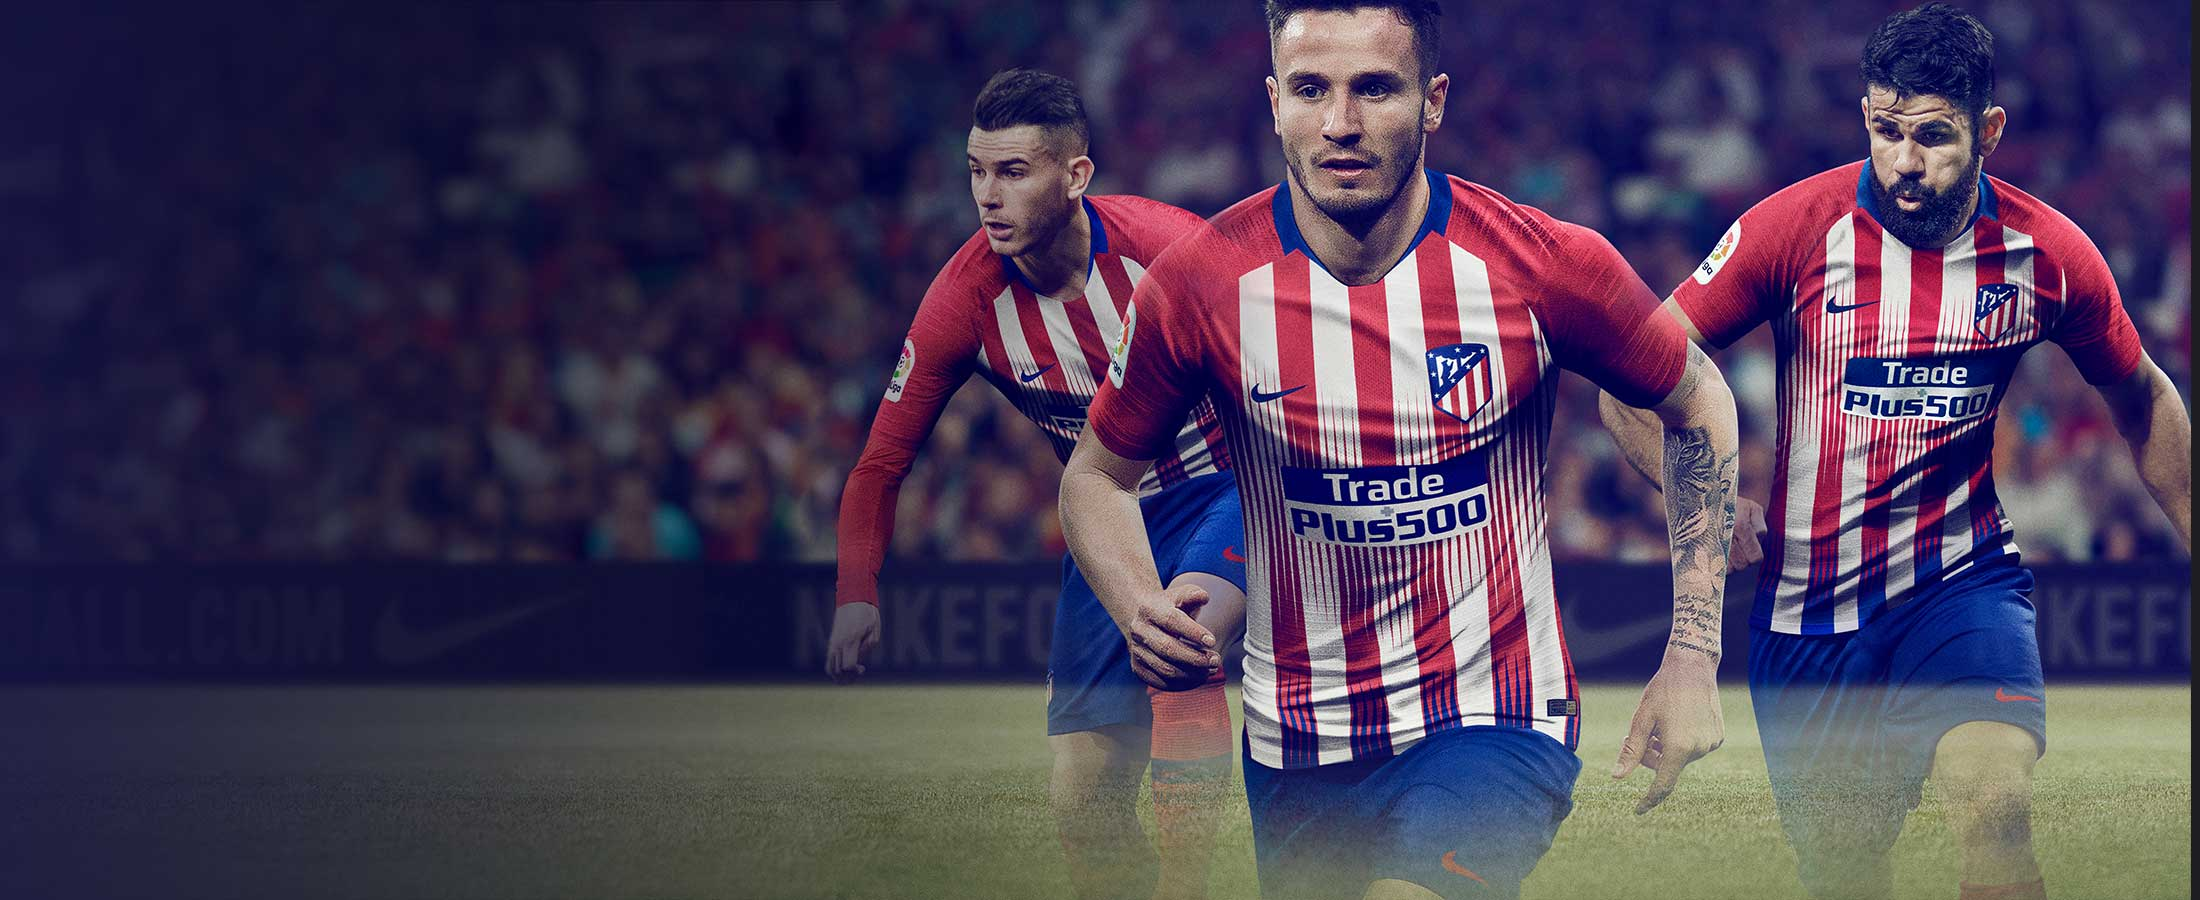 Equipación oficial infantil del Atlético de Madrid 2018